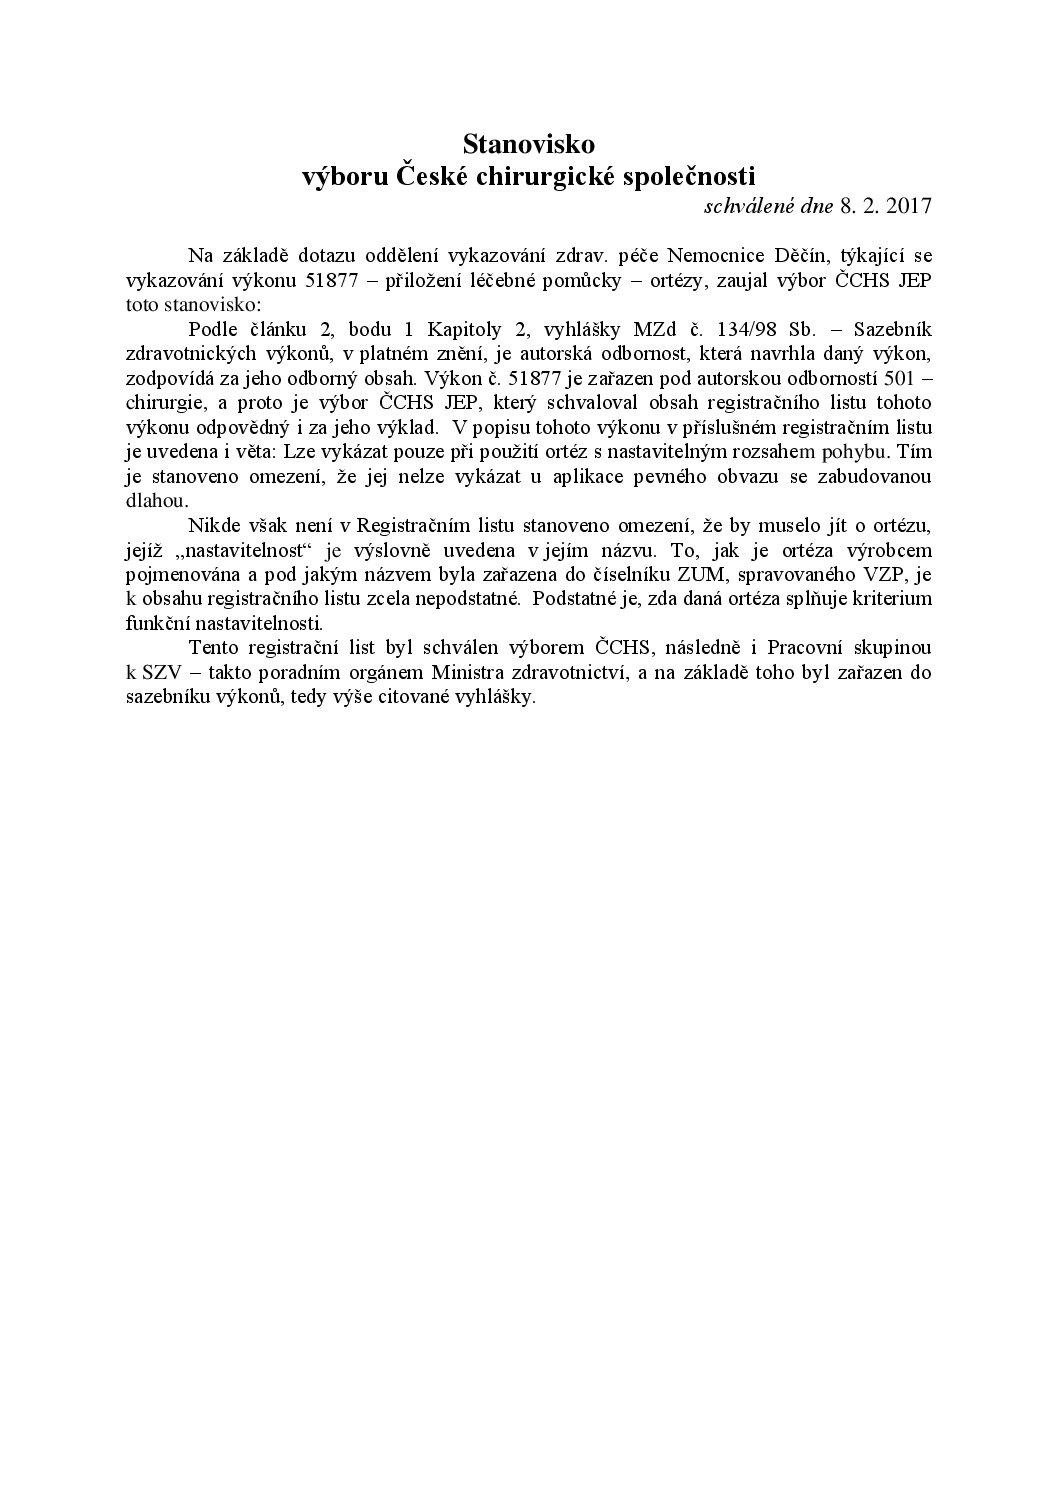 Stanovisko výboru ČCHS ČLS JEP kvykazování výkonu 51877 (8.2.2017)